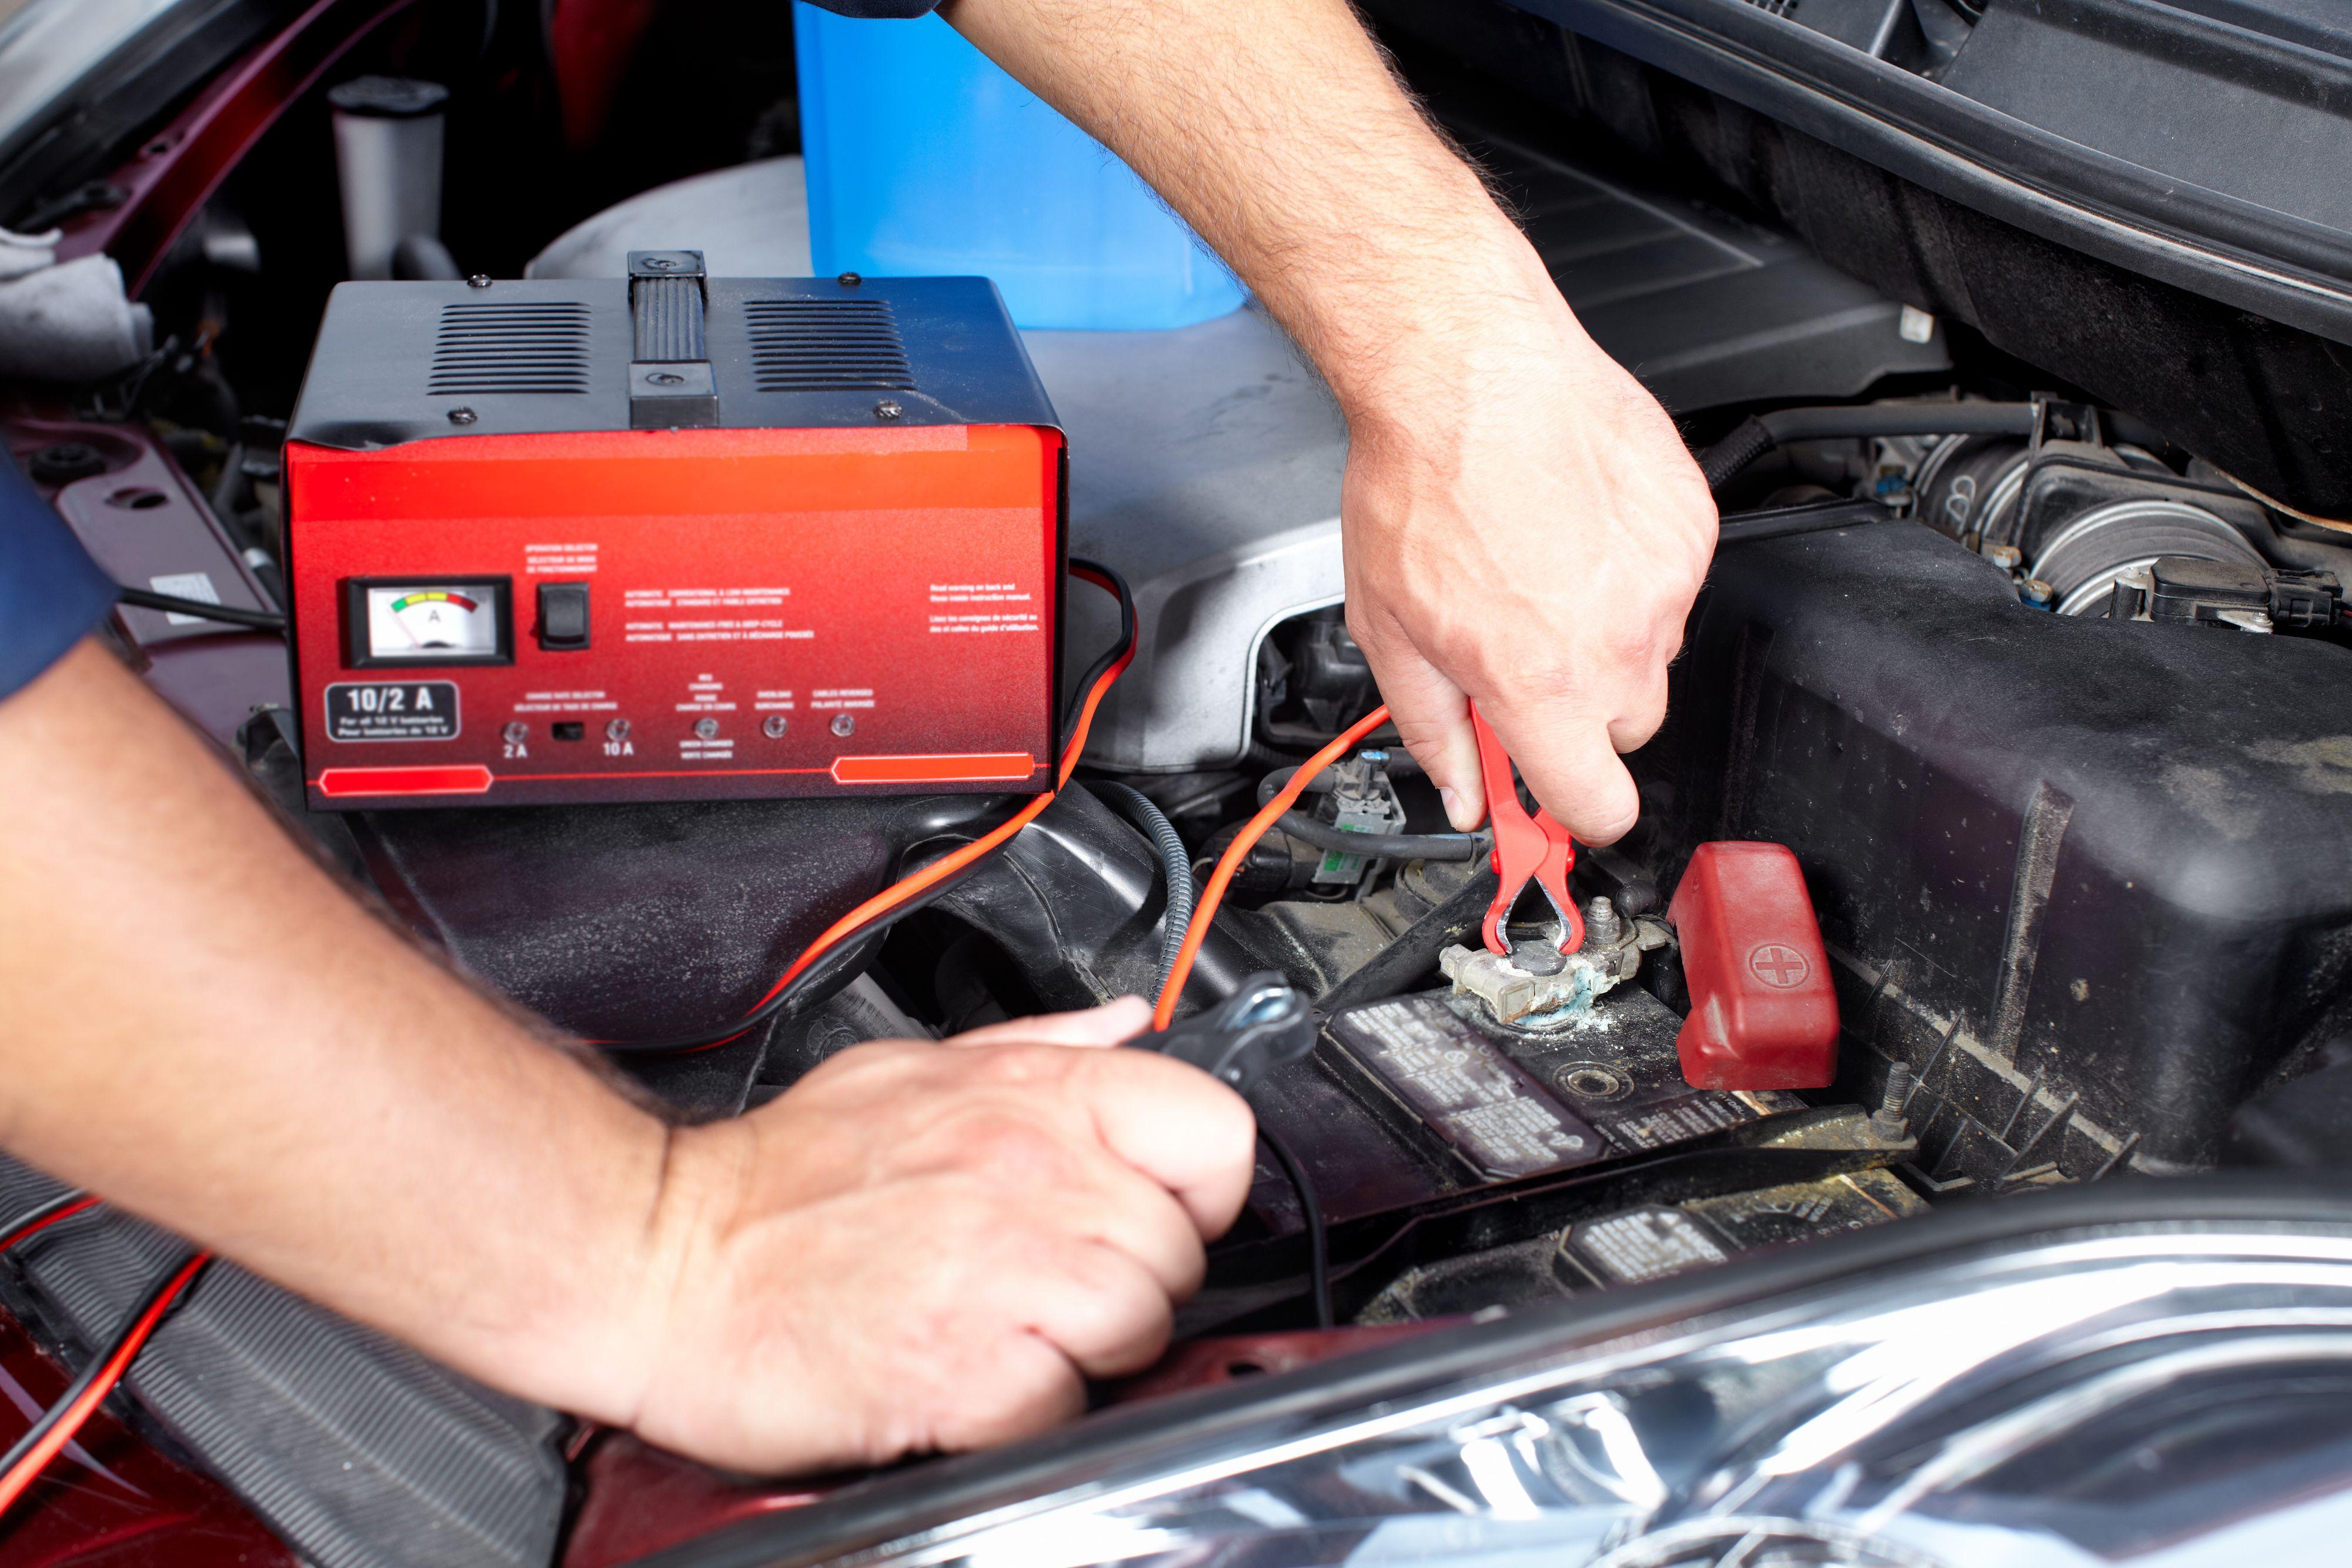 Man må fortsatt være litt varsom med lading av startbatterier i bil. Men en elektronisk styrt lader gjør vedlikeholdet vesentlig enklere. Foto: kurhan / Shutterstock.com